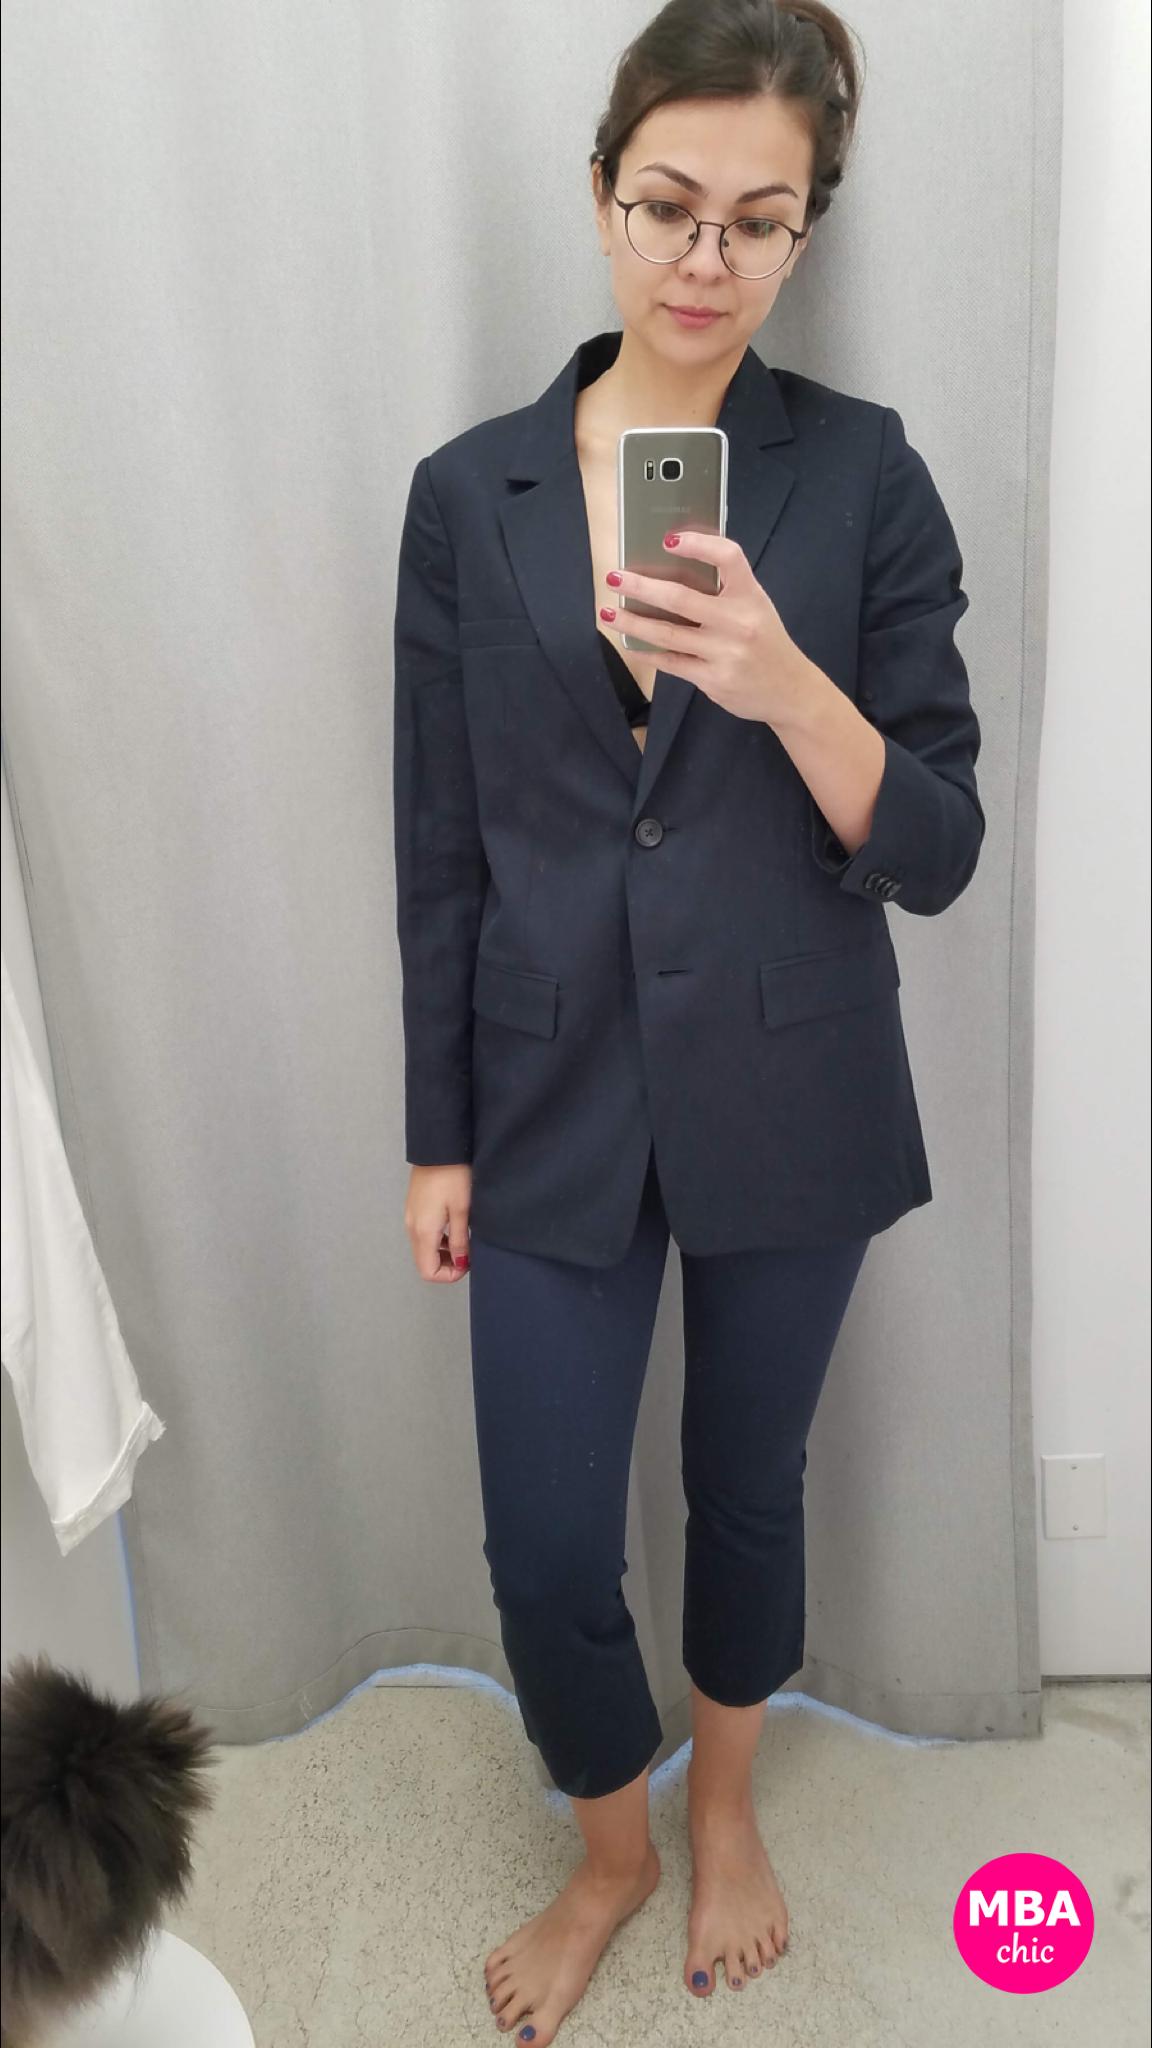 Suit pursuit